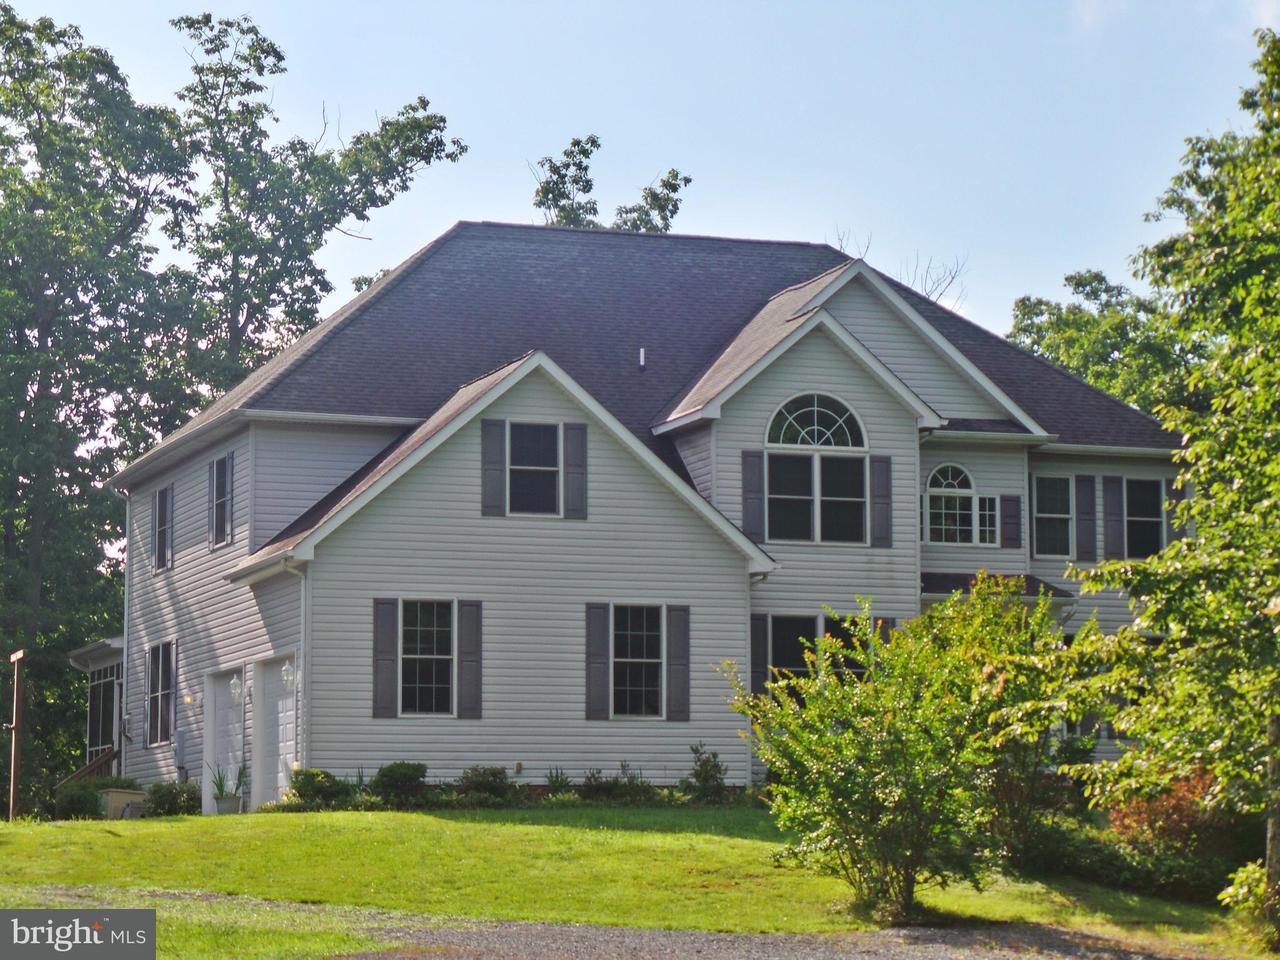 Μονοκατοικία για την Πώληση στο 49575 DIAMOND Lane 49575 DIAMOND Lane Dameron, Μεριλαντ 20628 Ηνωμενεσ Πολιτειεσ